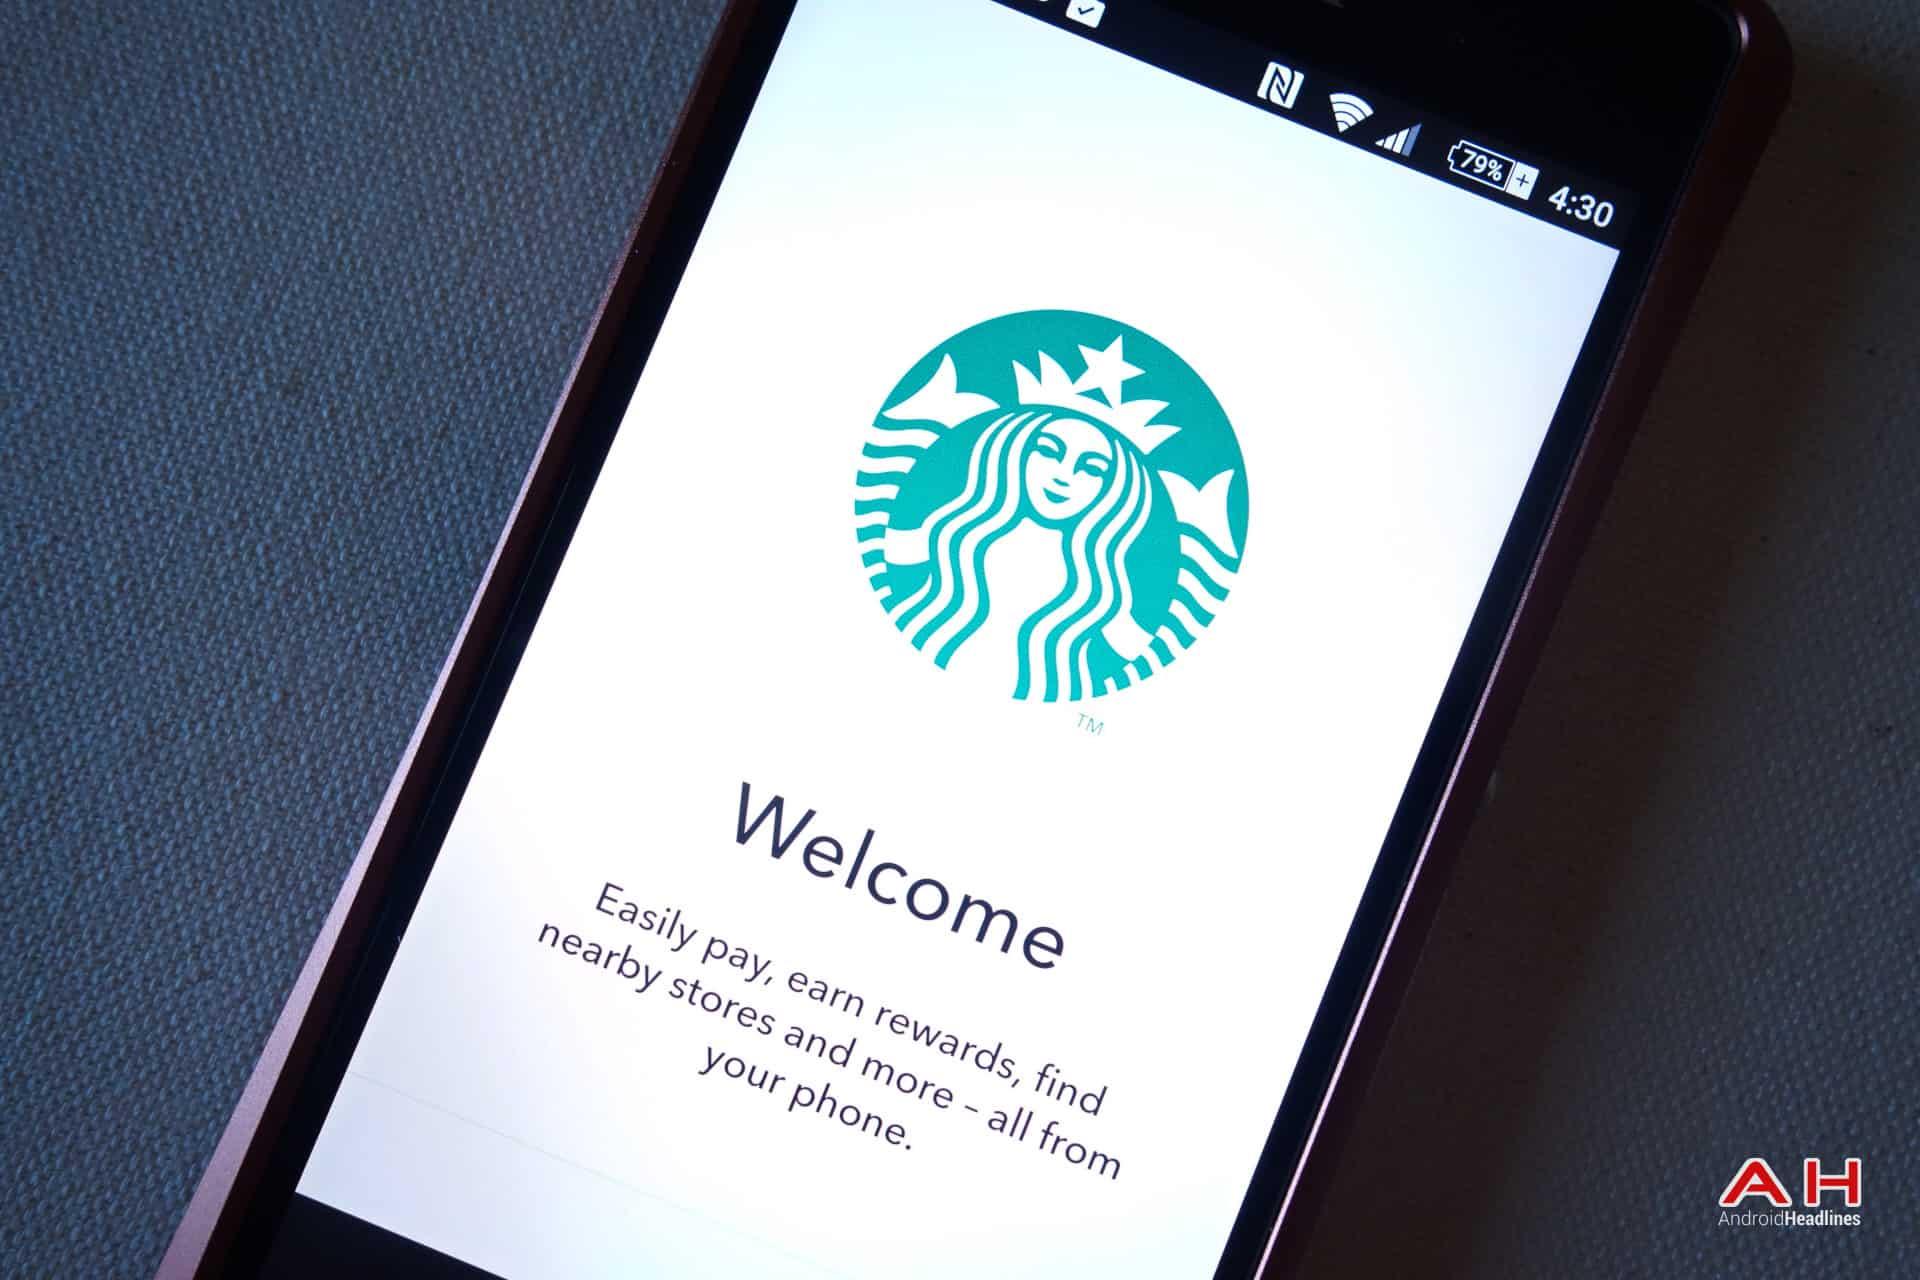 AH Starbucks-2